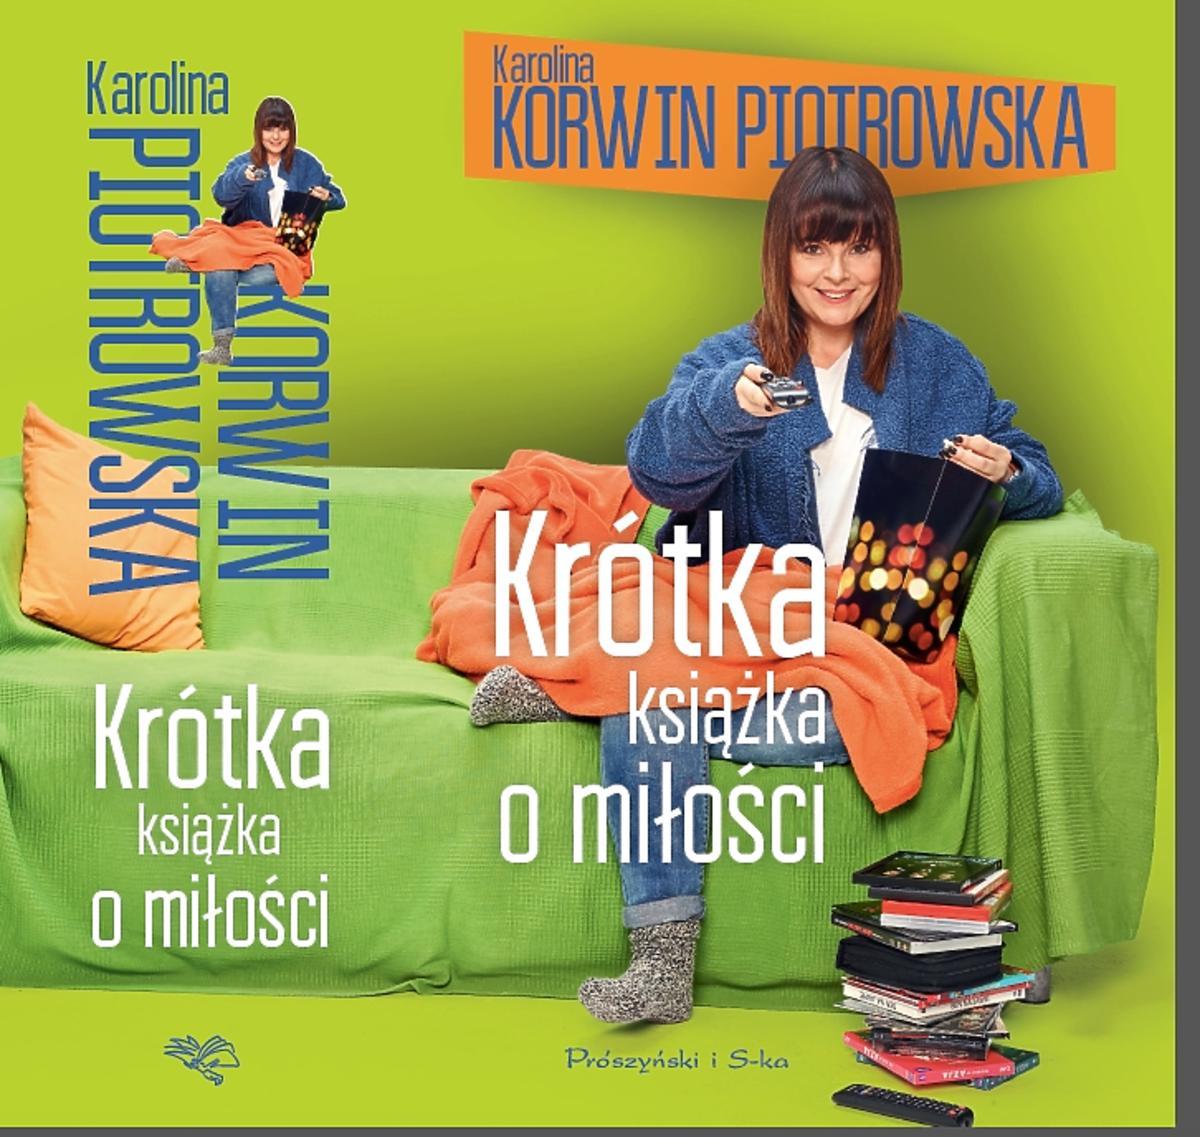 Karolina Korwin Piotrowska - Krótka książka o miłości